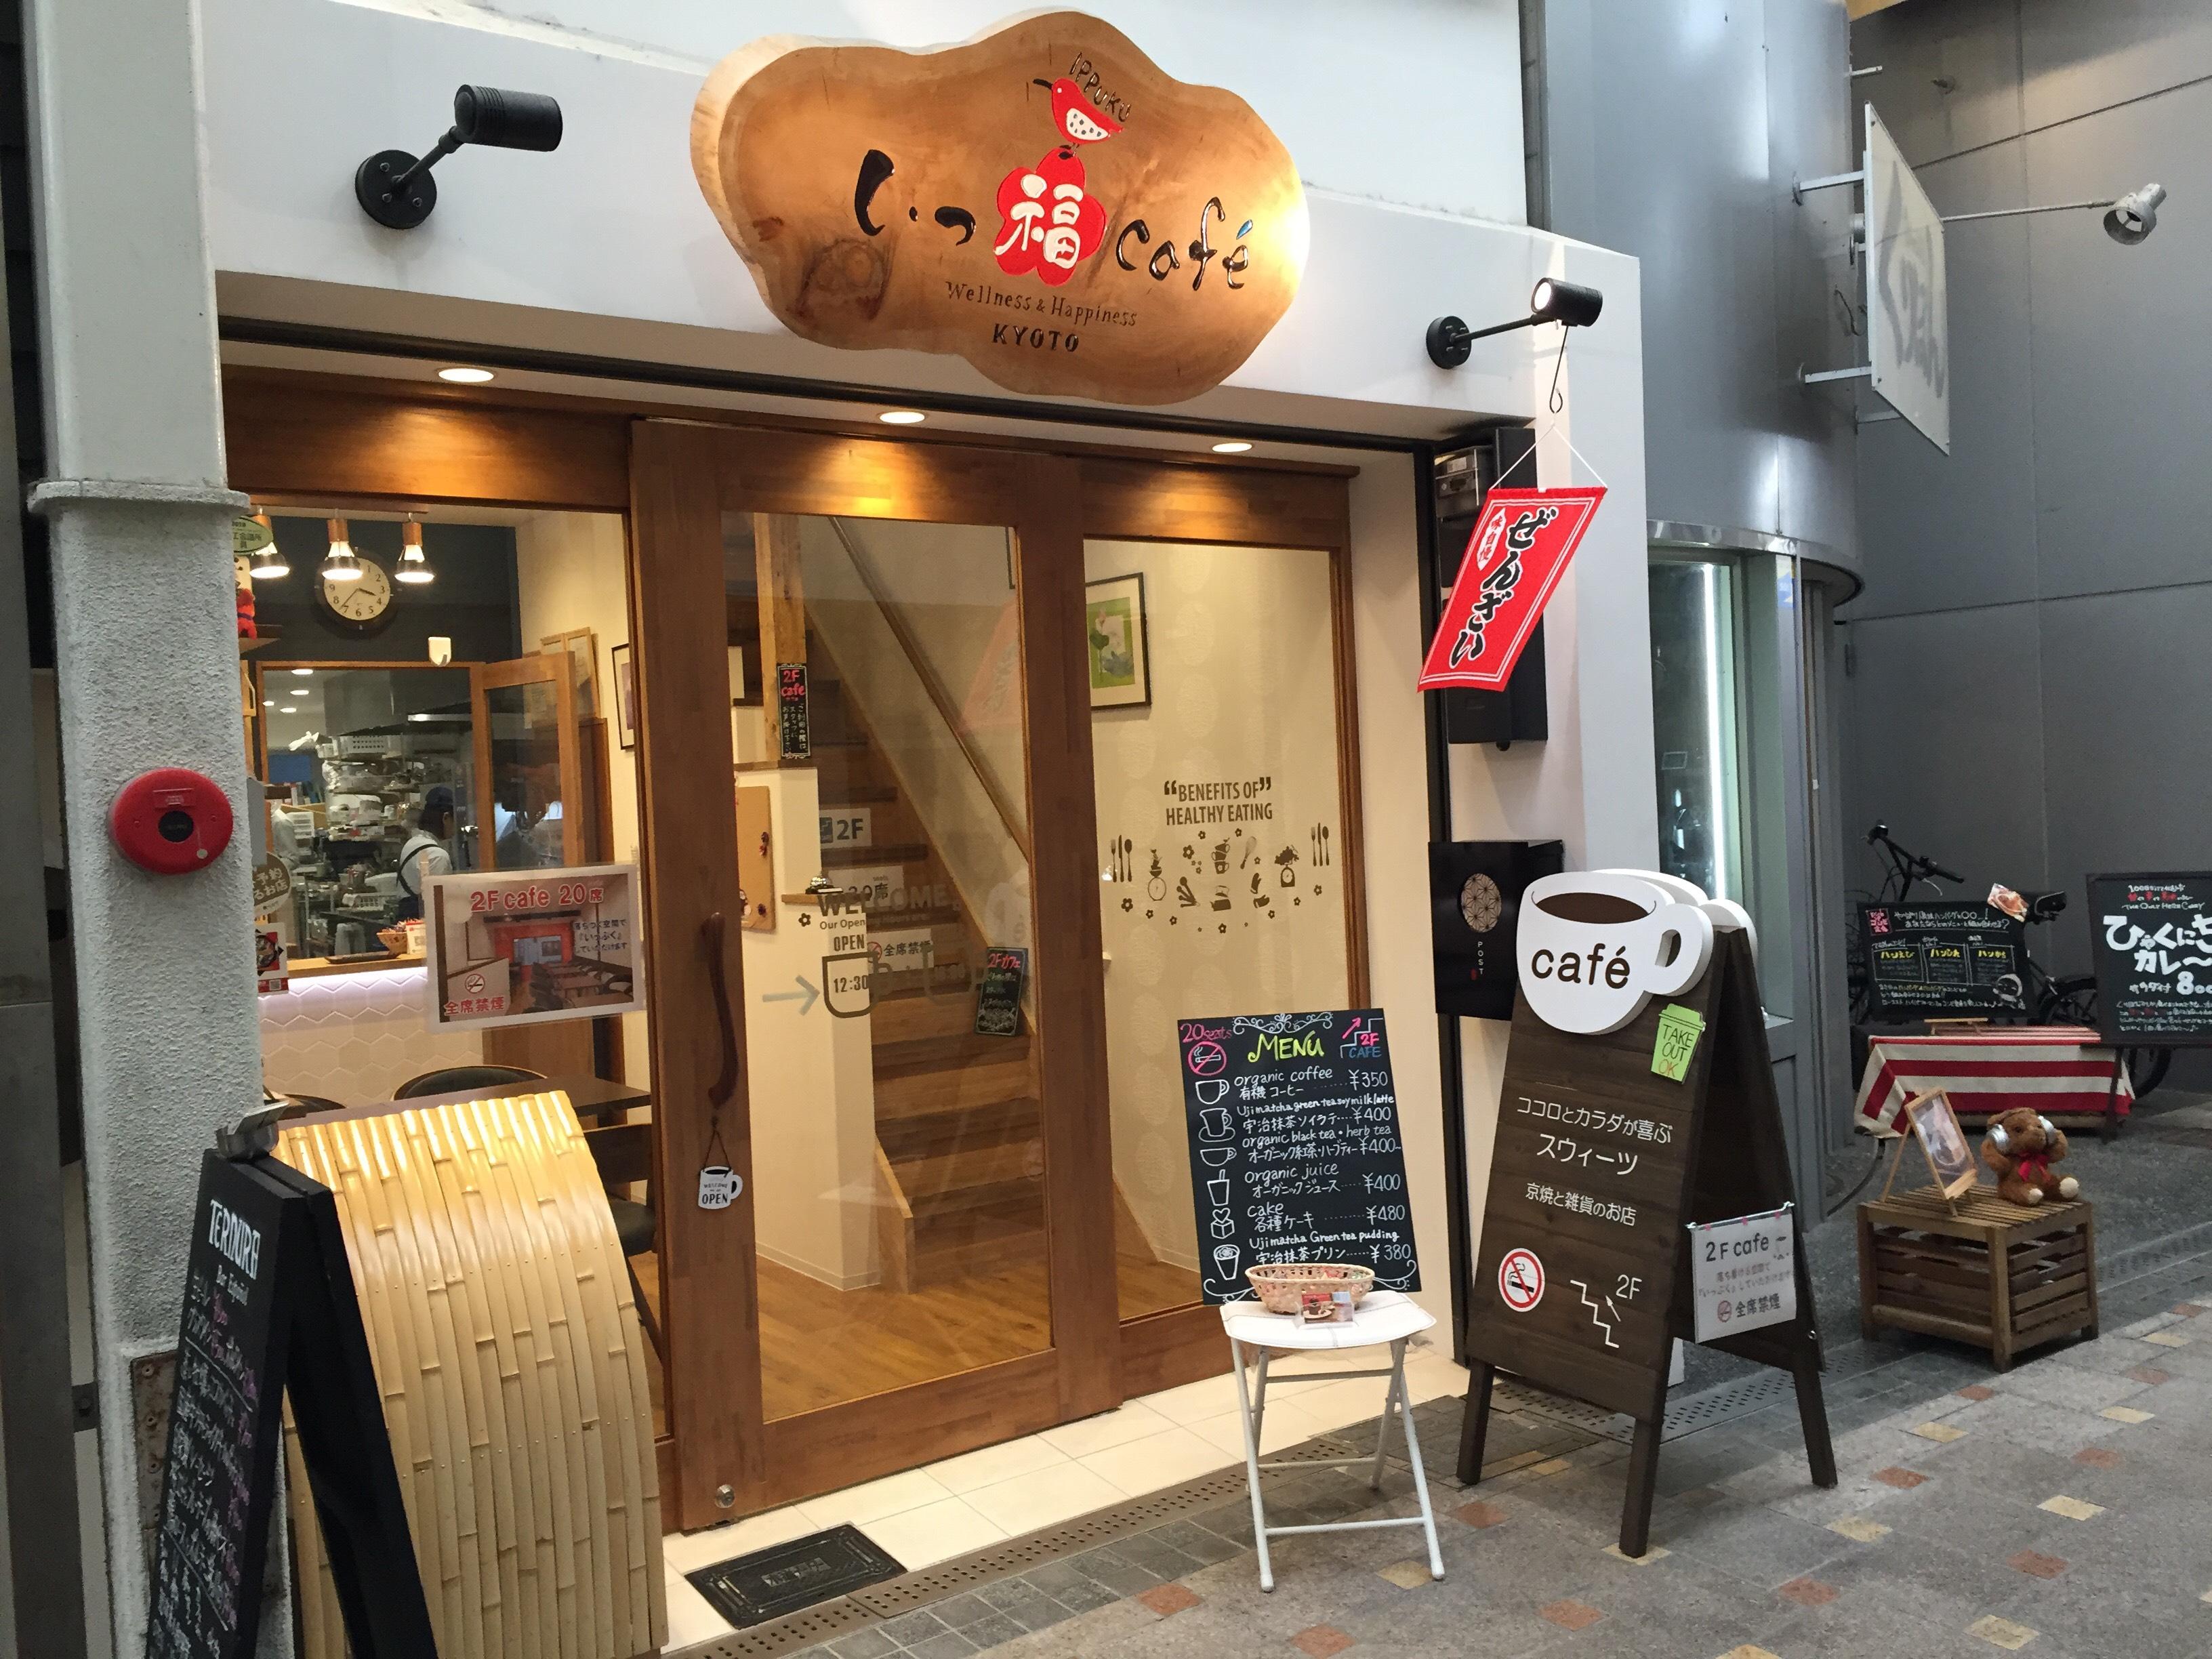 四条烏丸 河原町 カフェ いっ福cafe